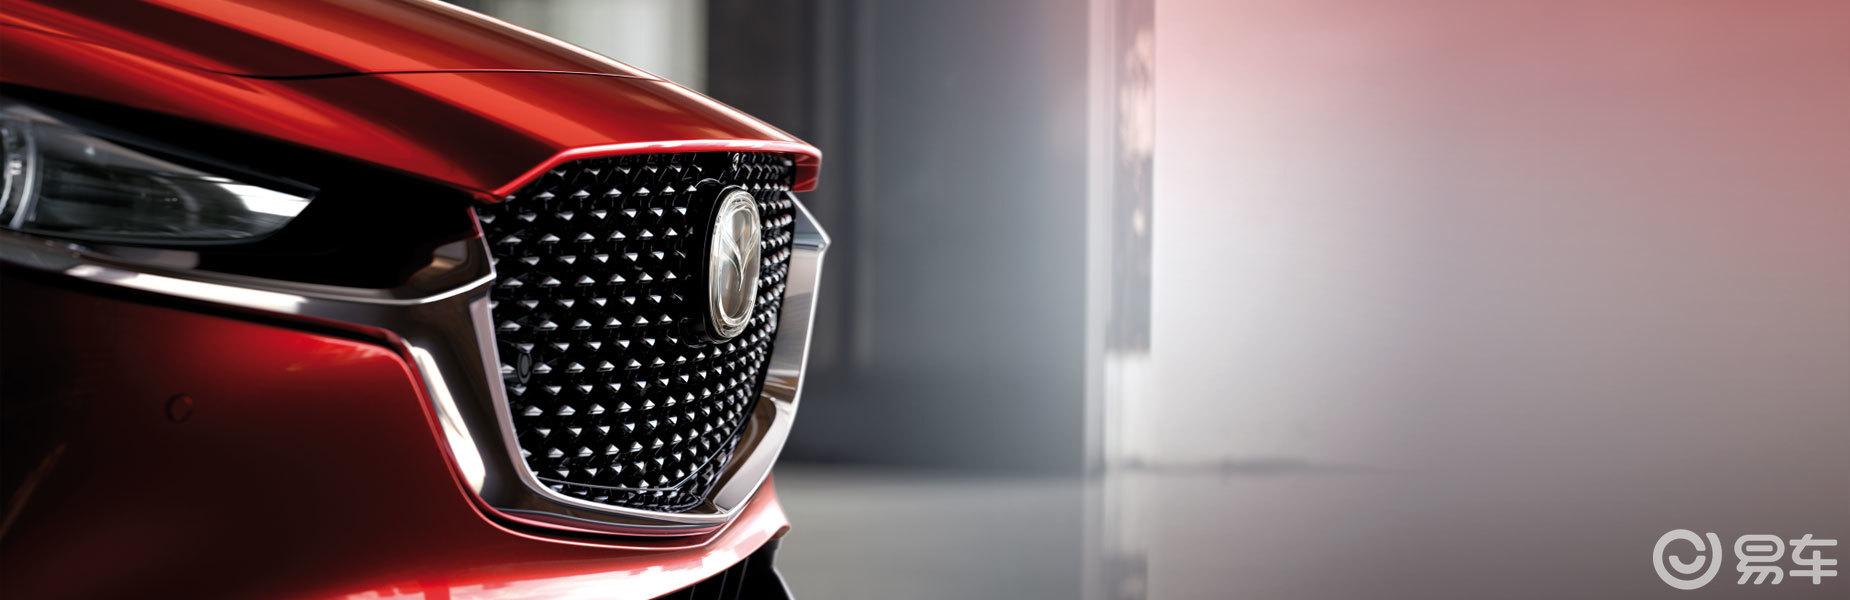 全系2.0L自吸 马自达CX-30售12.99万起